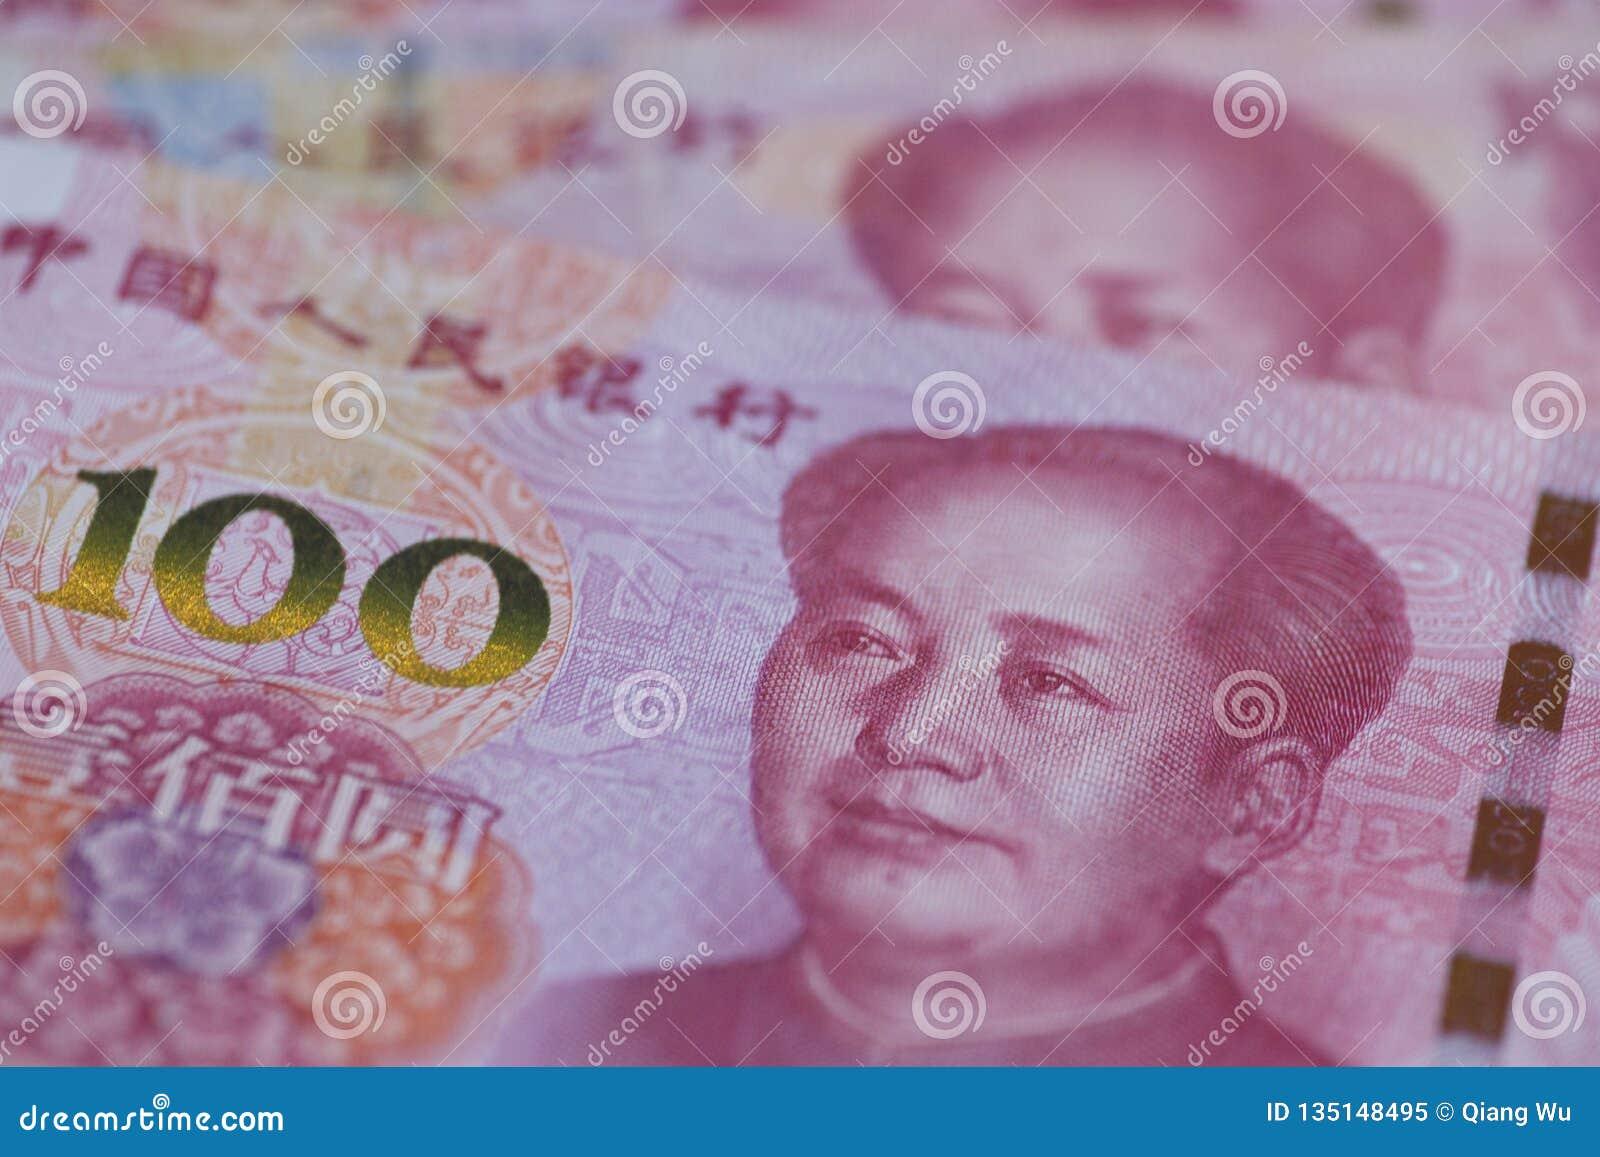 El Banco Popular de China moneda de 100 yuan, economía, RMB, finanzas, inversión, tipo de interés, tipo de cambio, gobierno,